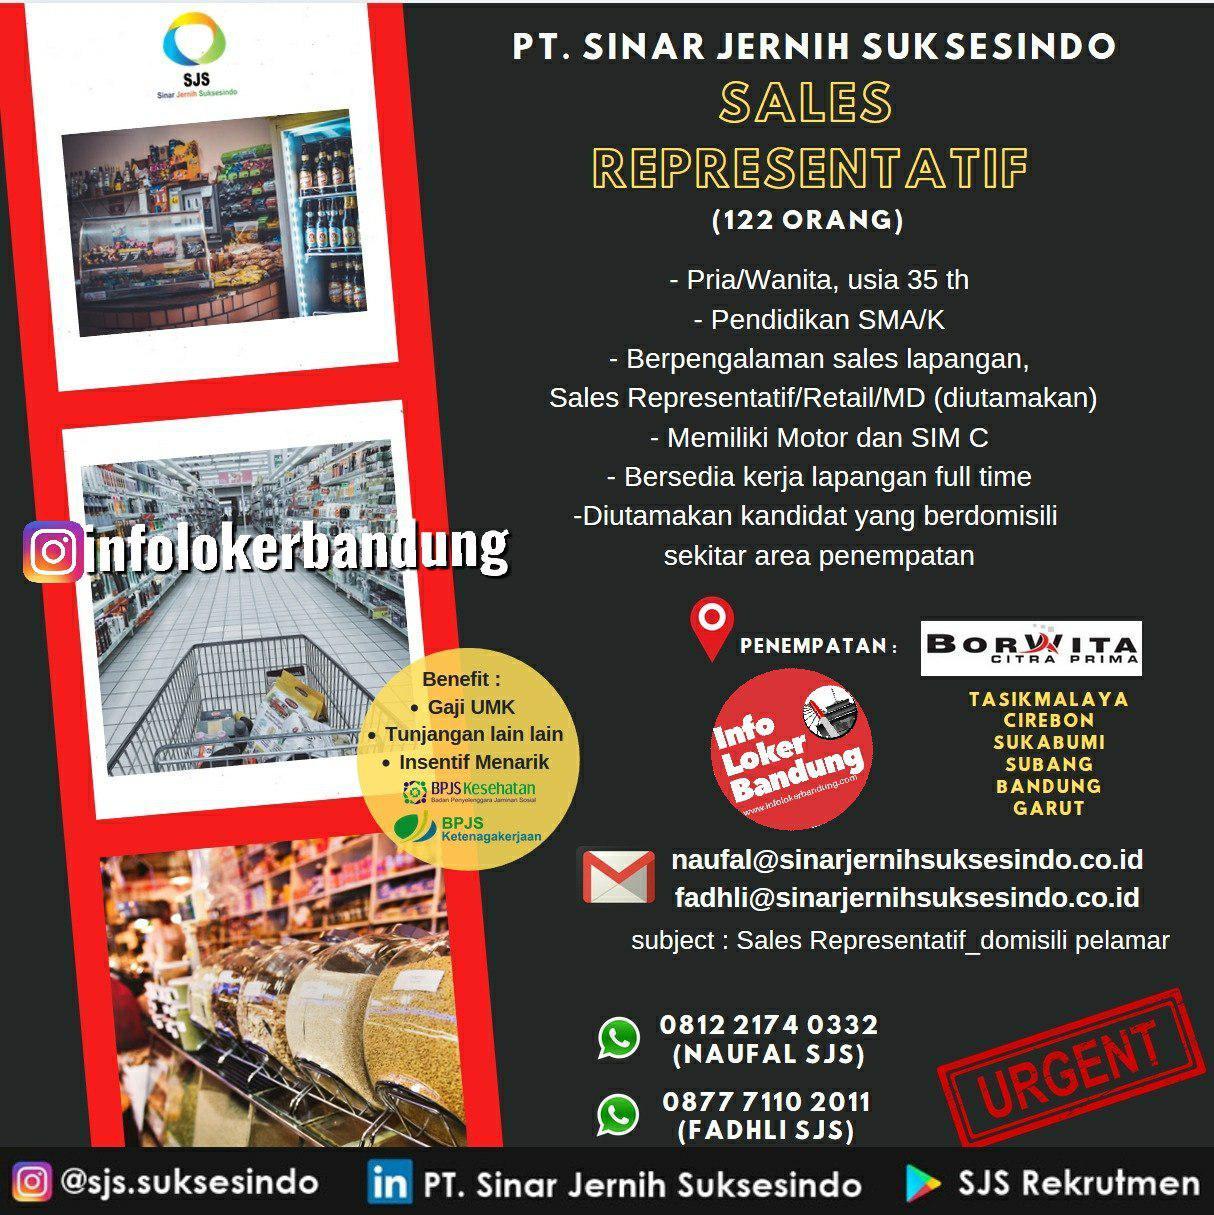 Lowongan Kerja PT. Sinar Jernih Suksesindo Bandung Desember 2019